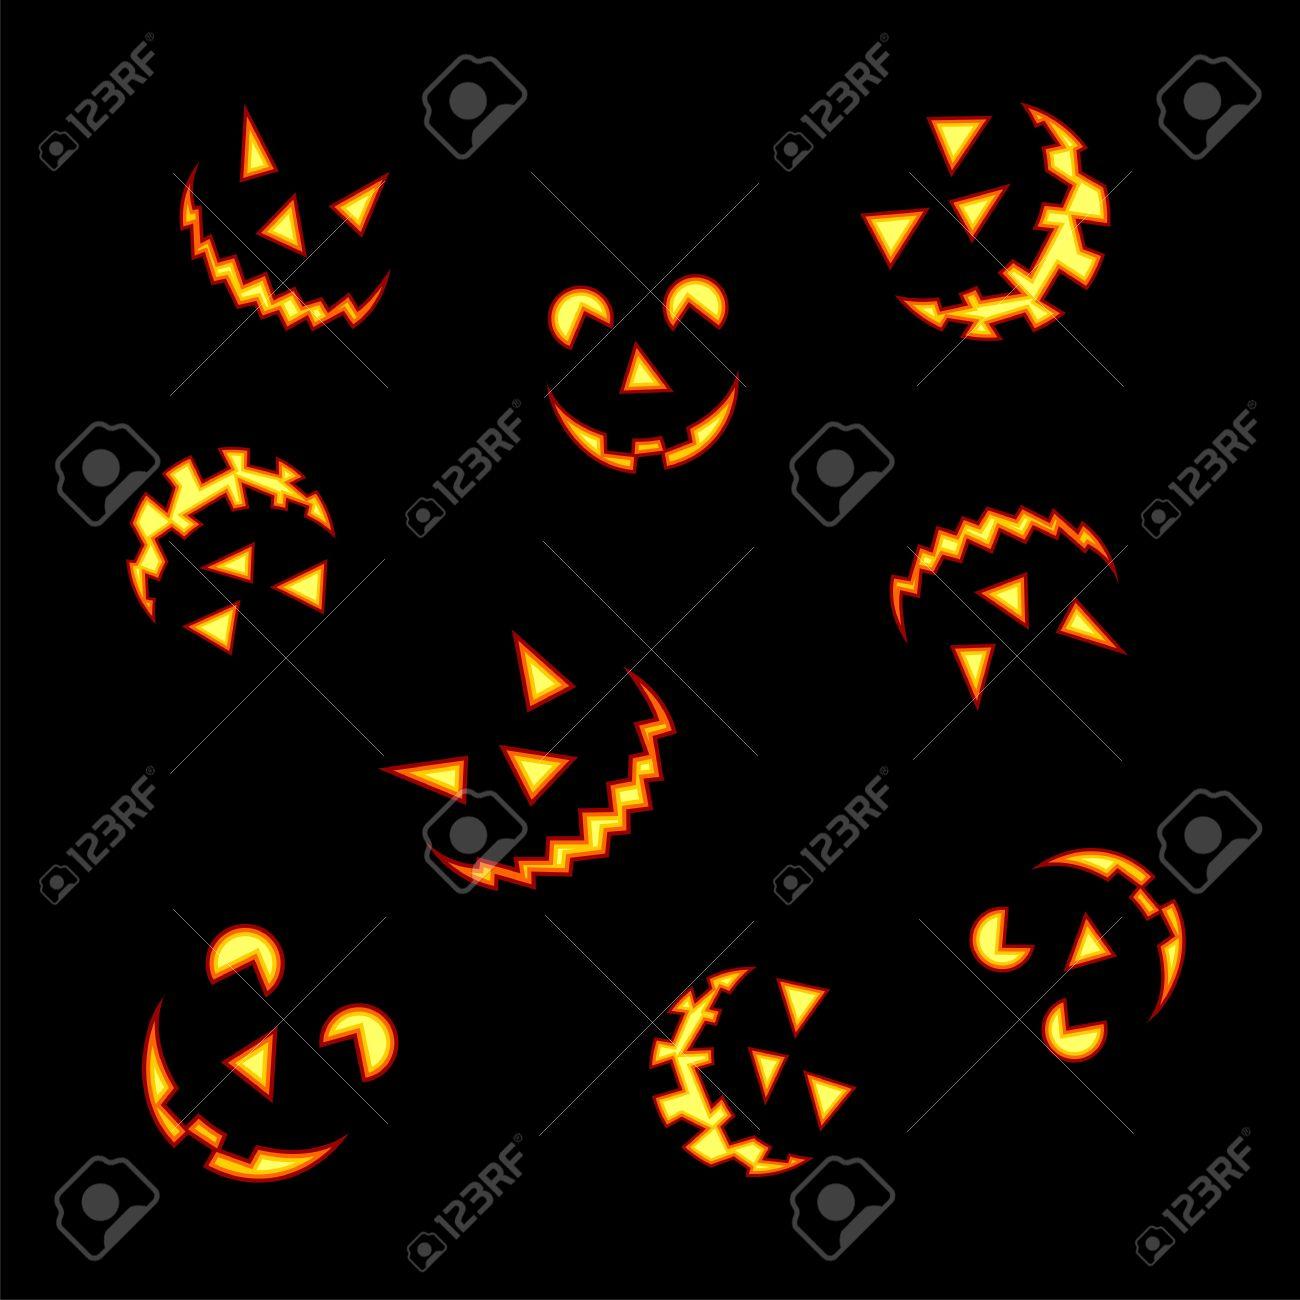 Halloween Kürbis Gesichter Leuchtet Hell Auf Schwarzem Hintergrund